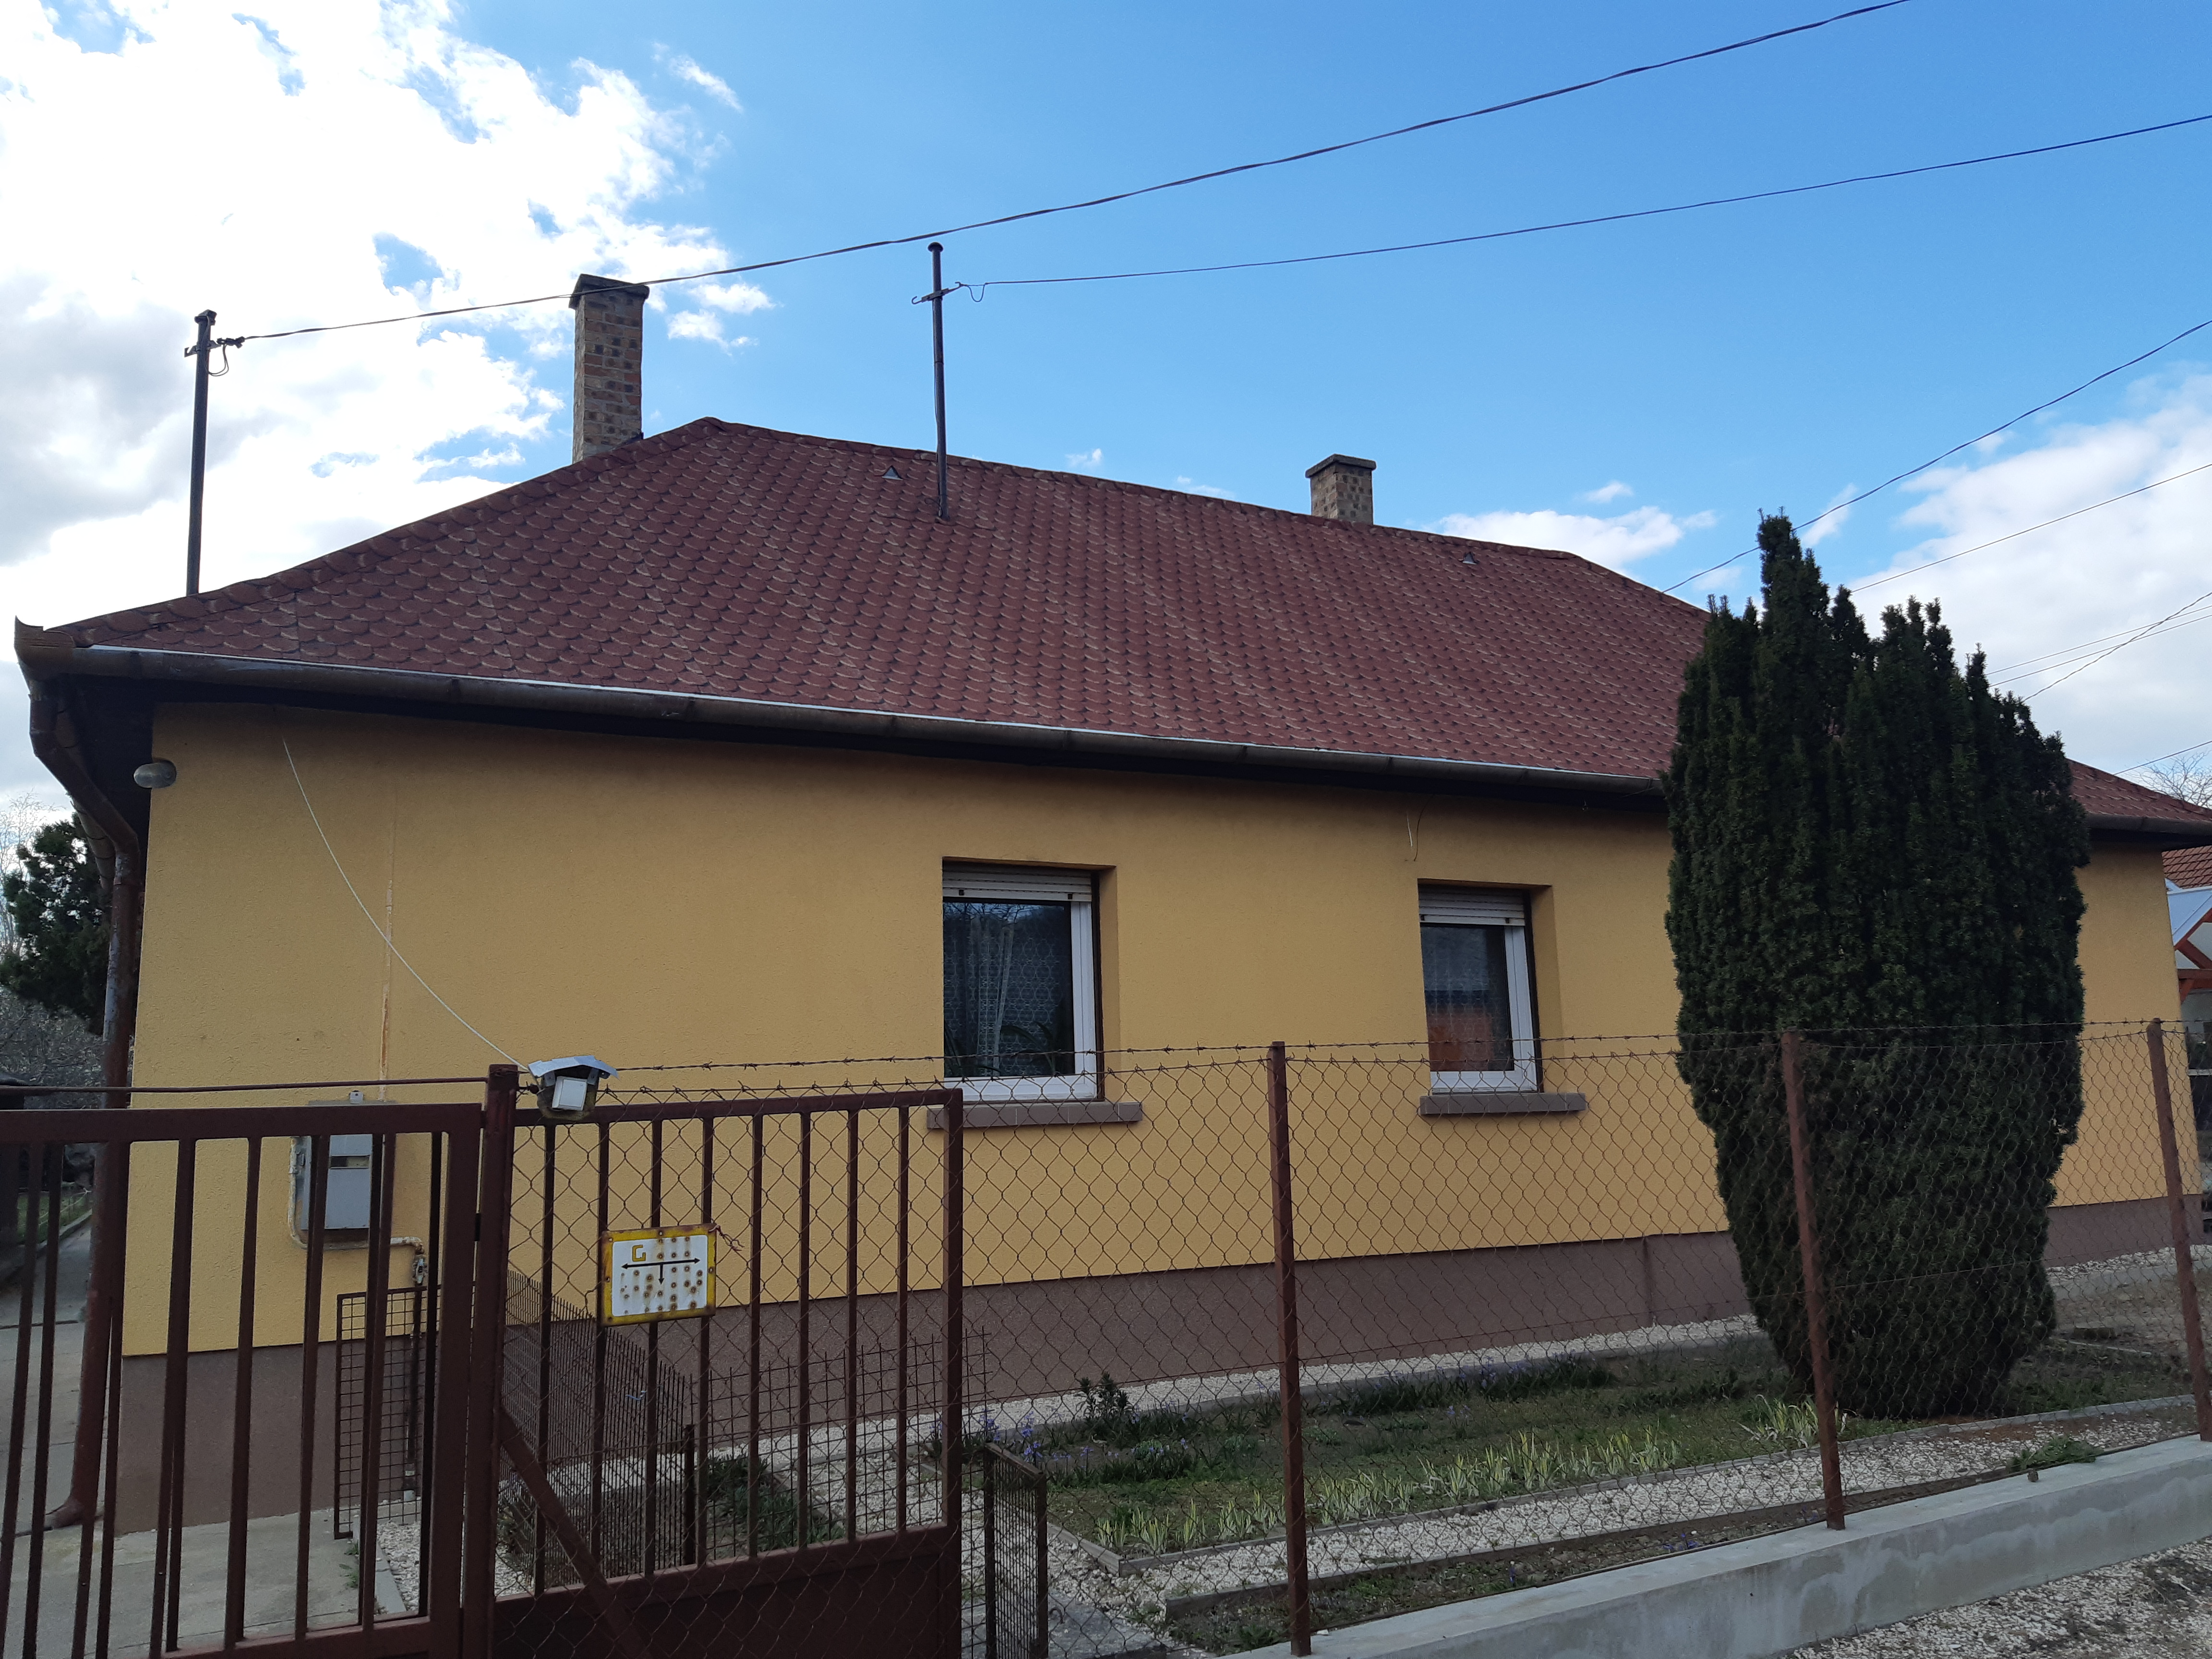 Palatető felújítás Gelénes, palatető szigetelés GelénesTeljes tető felújítása